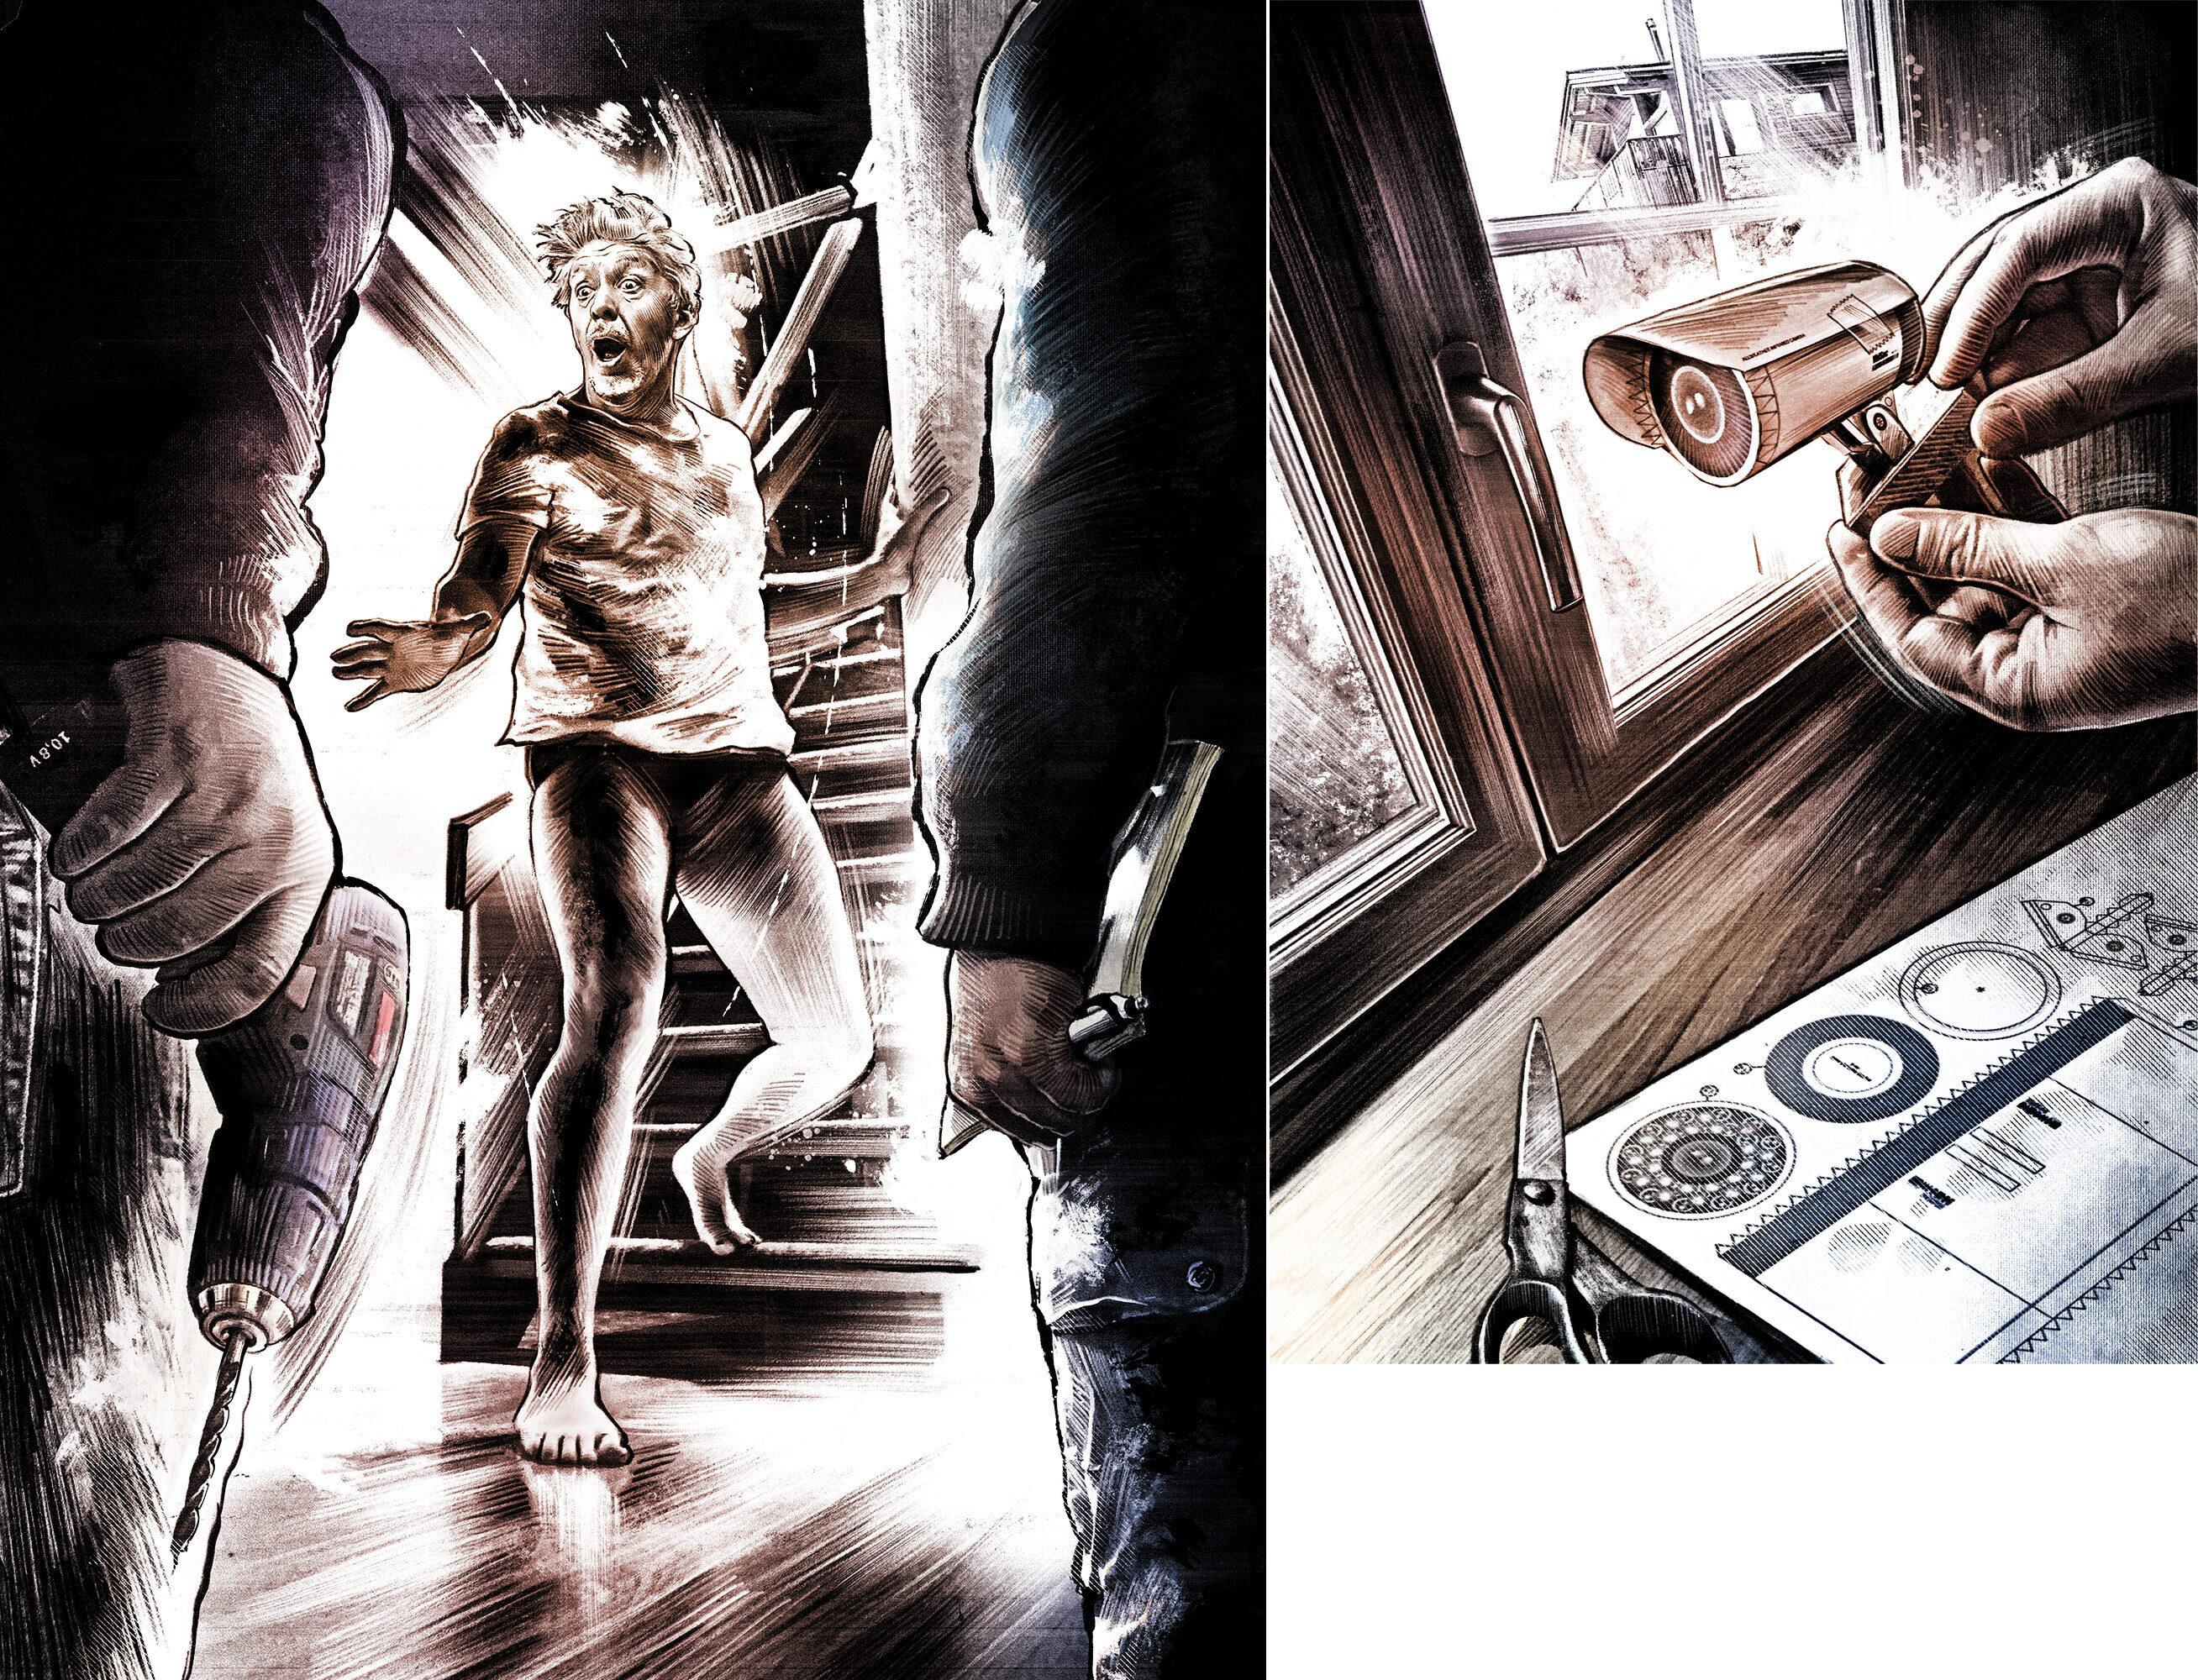 Vom Nachbarschaftsstreit Hausdurchsuchung bohrmaschine einbrecher robbery burglary camera kamera atrappe illustration action scene - Kornel Illustration   Kornel Stadler portfolio